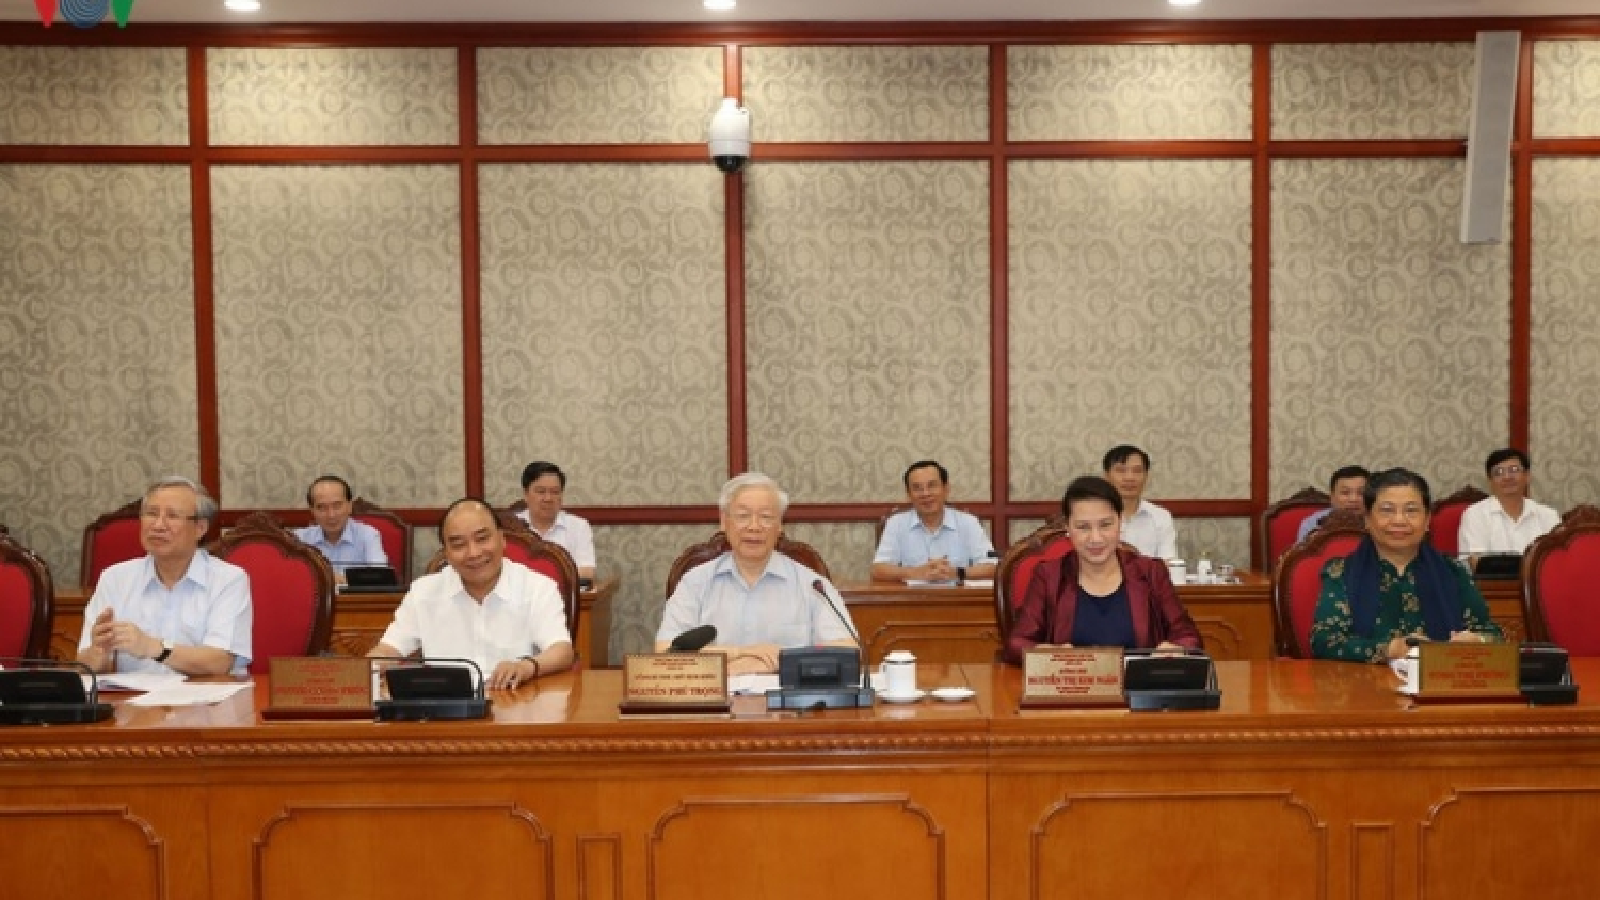 Bộ Chính trị làm việc với Ban Thường vụ Tỉnh ủy Thanh Hóa